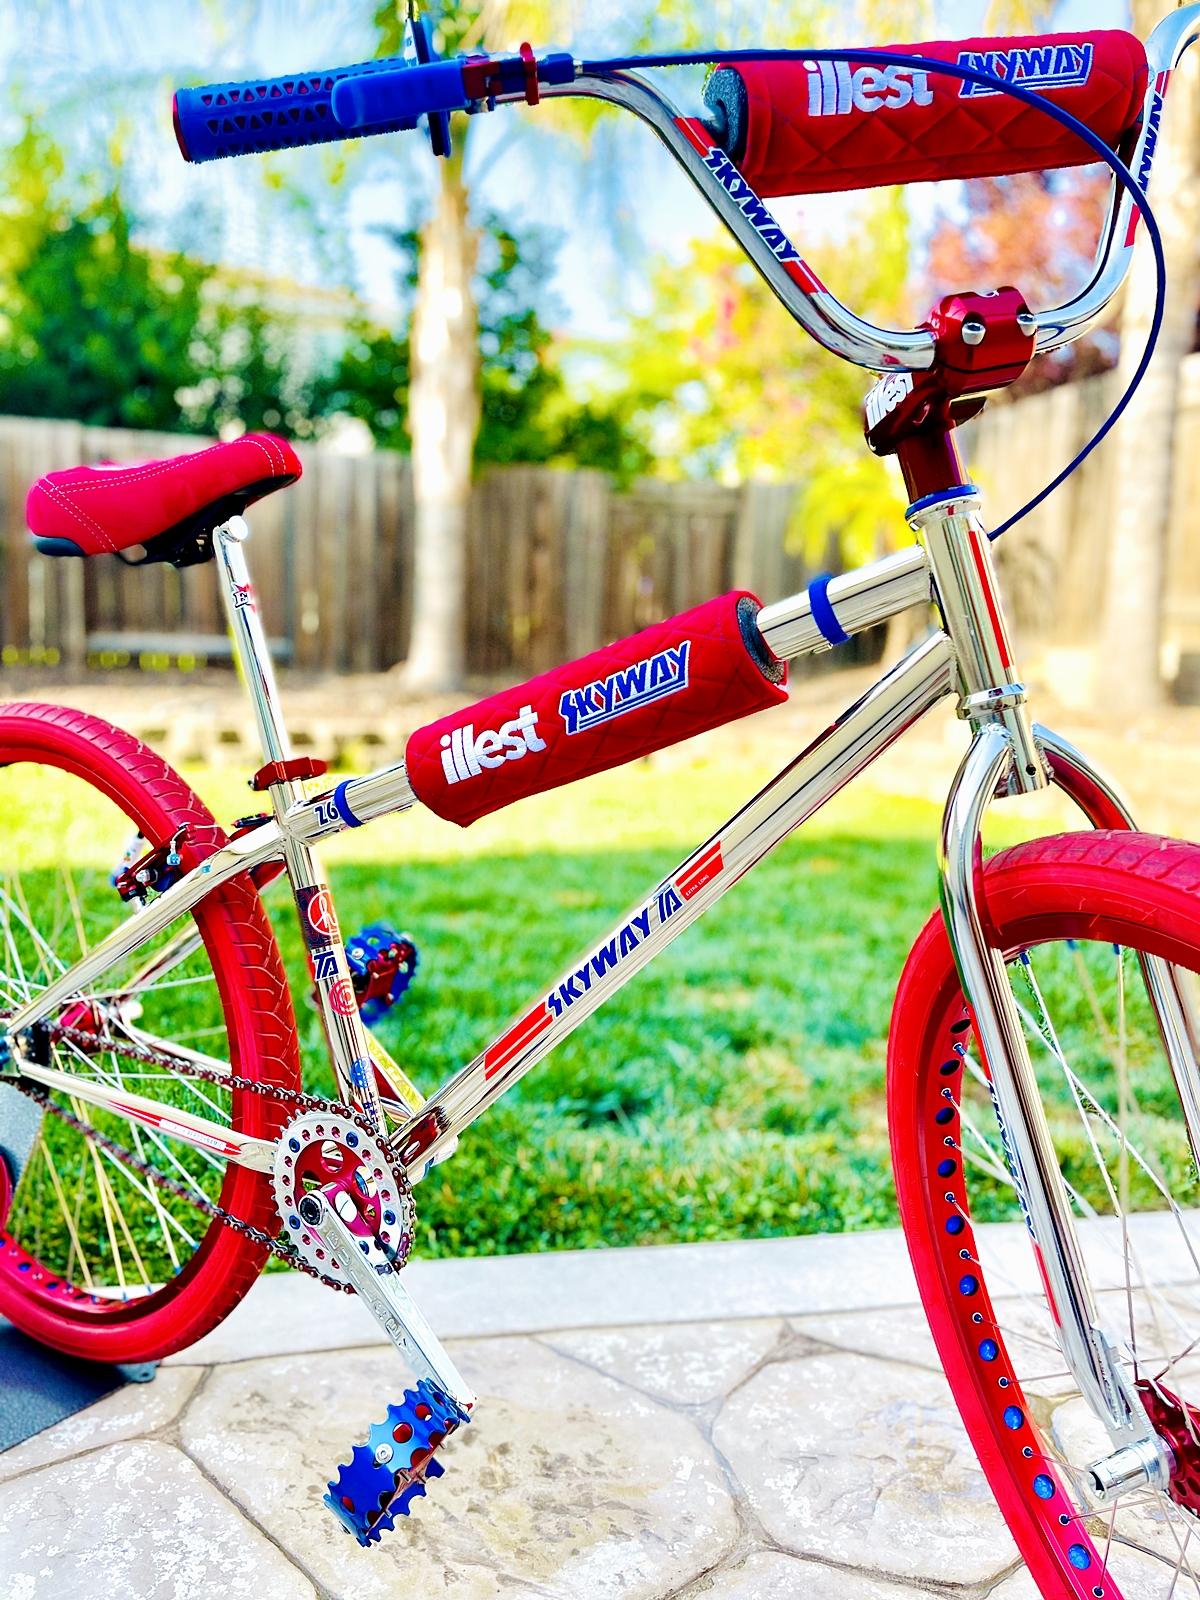 skyway TA 26 bmx bike